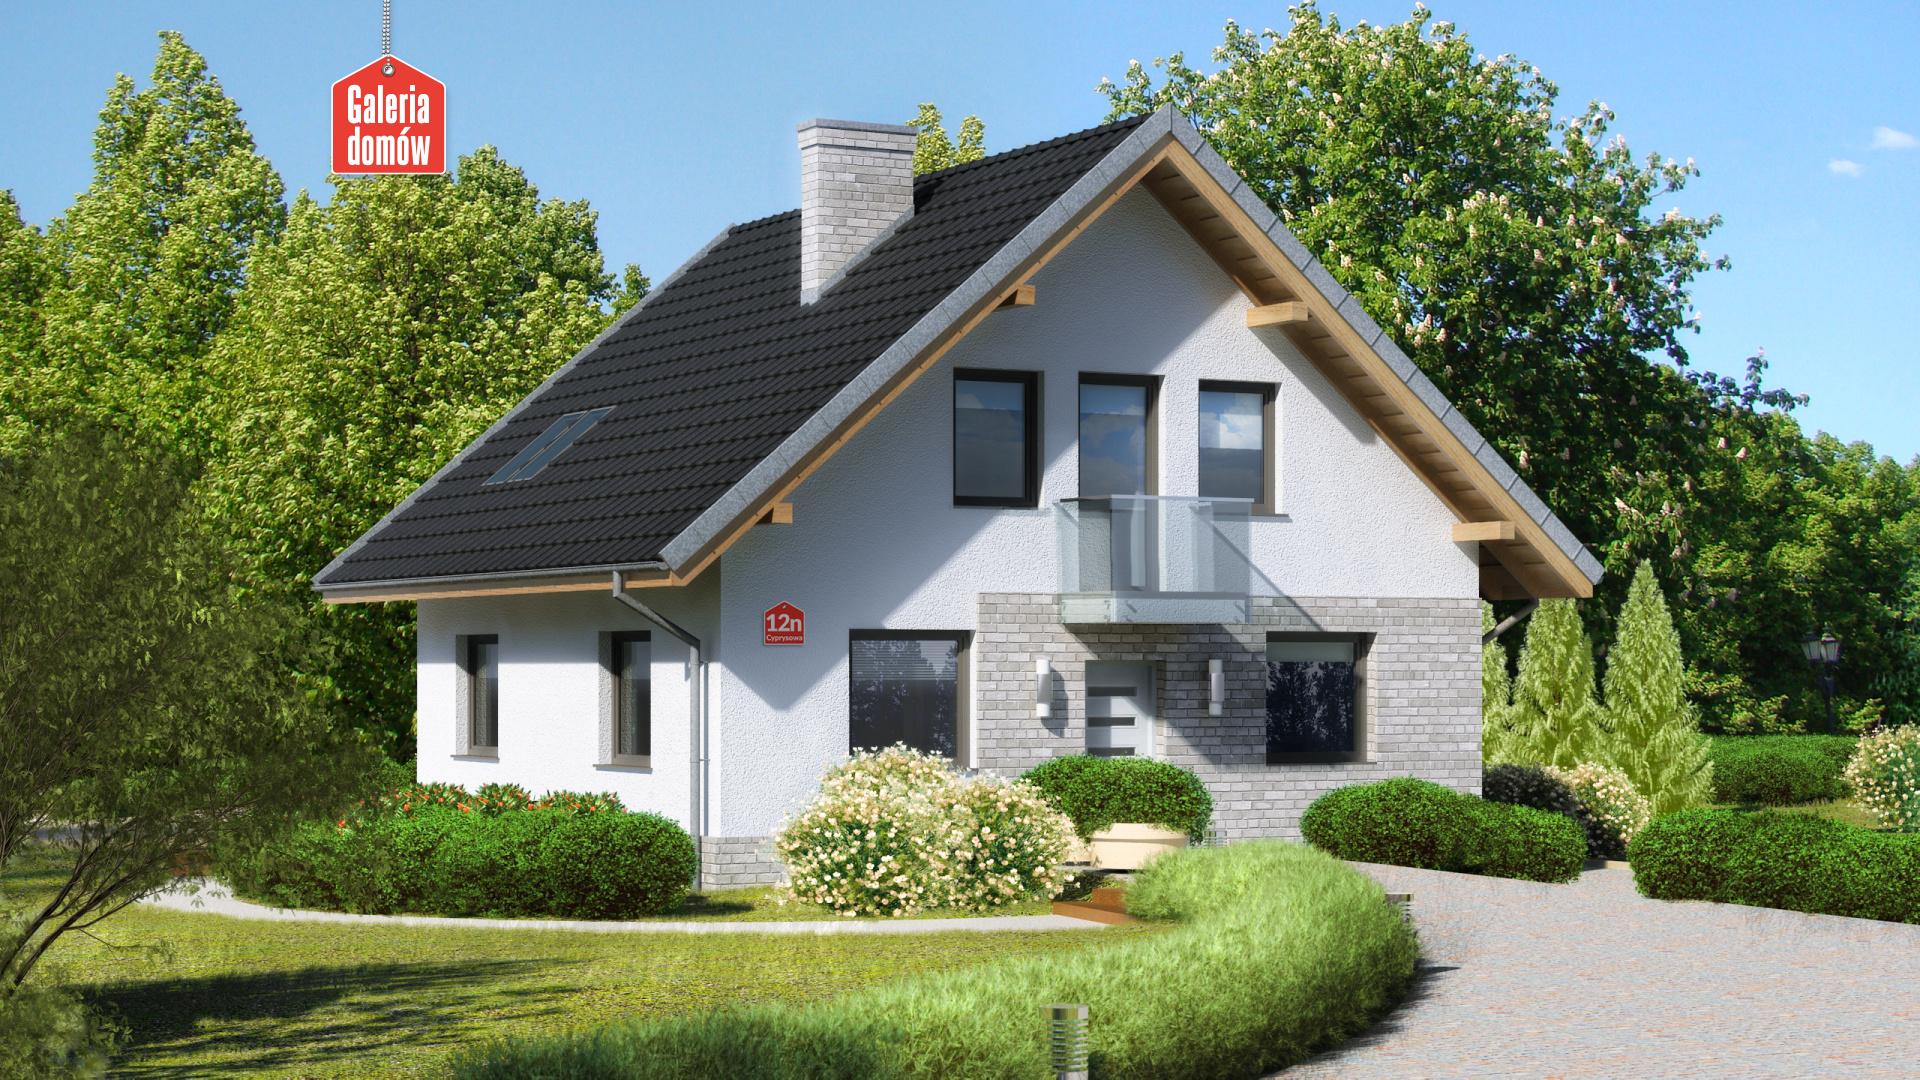 Dom przy Cyprysowej 12 N - zdjęcie projektu i wizualizacja